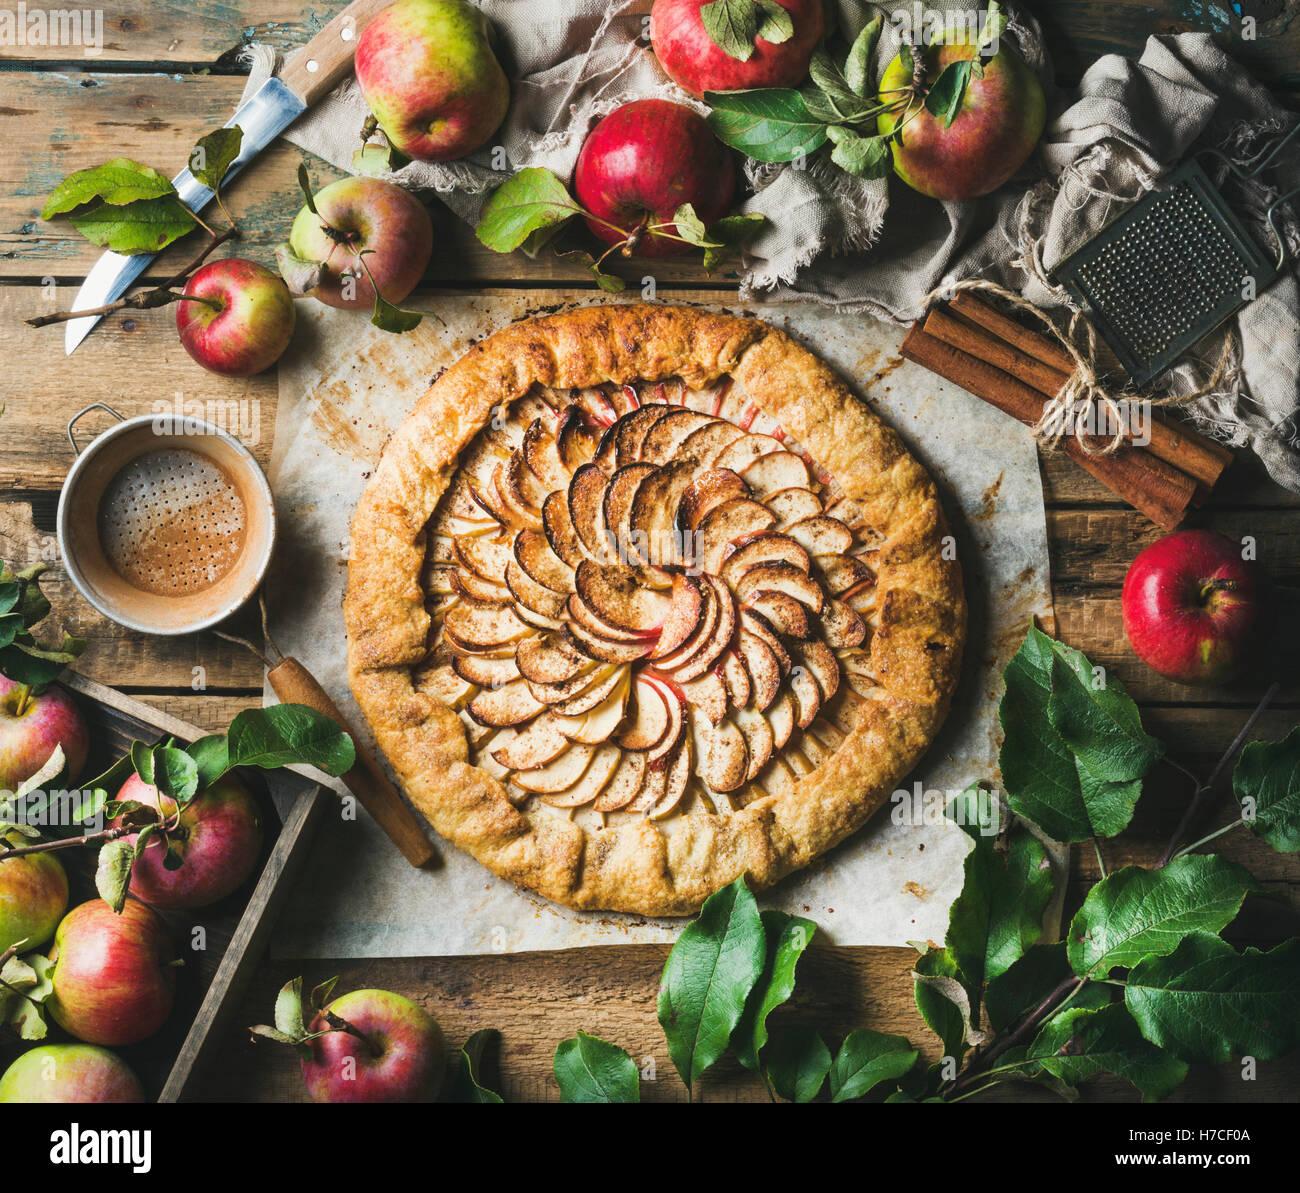 Crostata apple pie à la cannelle servi avec pommes fraîches jardin avec des feuilles sur fond de bois Photo Stock